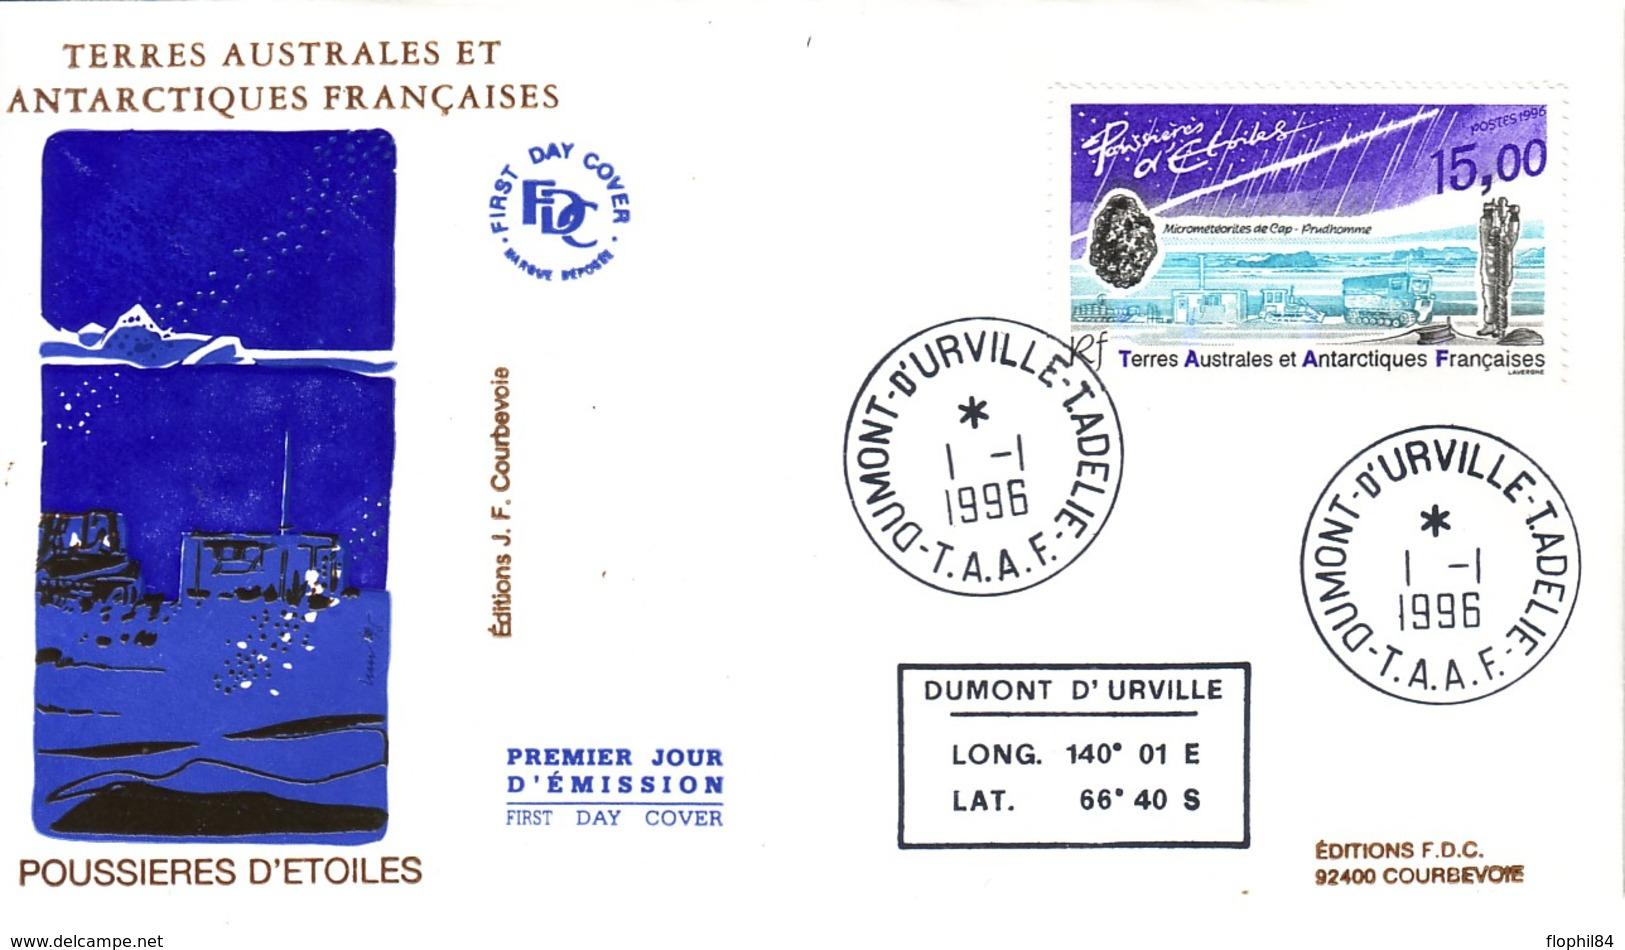 TAAF - LOT DE 26 LETTRES - DIVERSES CACHETS D'EXPEDITIONS - DIVERS CACHETS DE BATEAU - QUELQUES SIGNATURE DE CAPITAINE - - Colecciones & Series